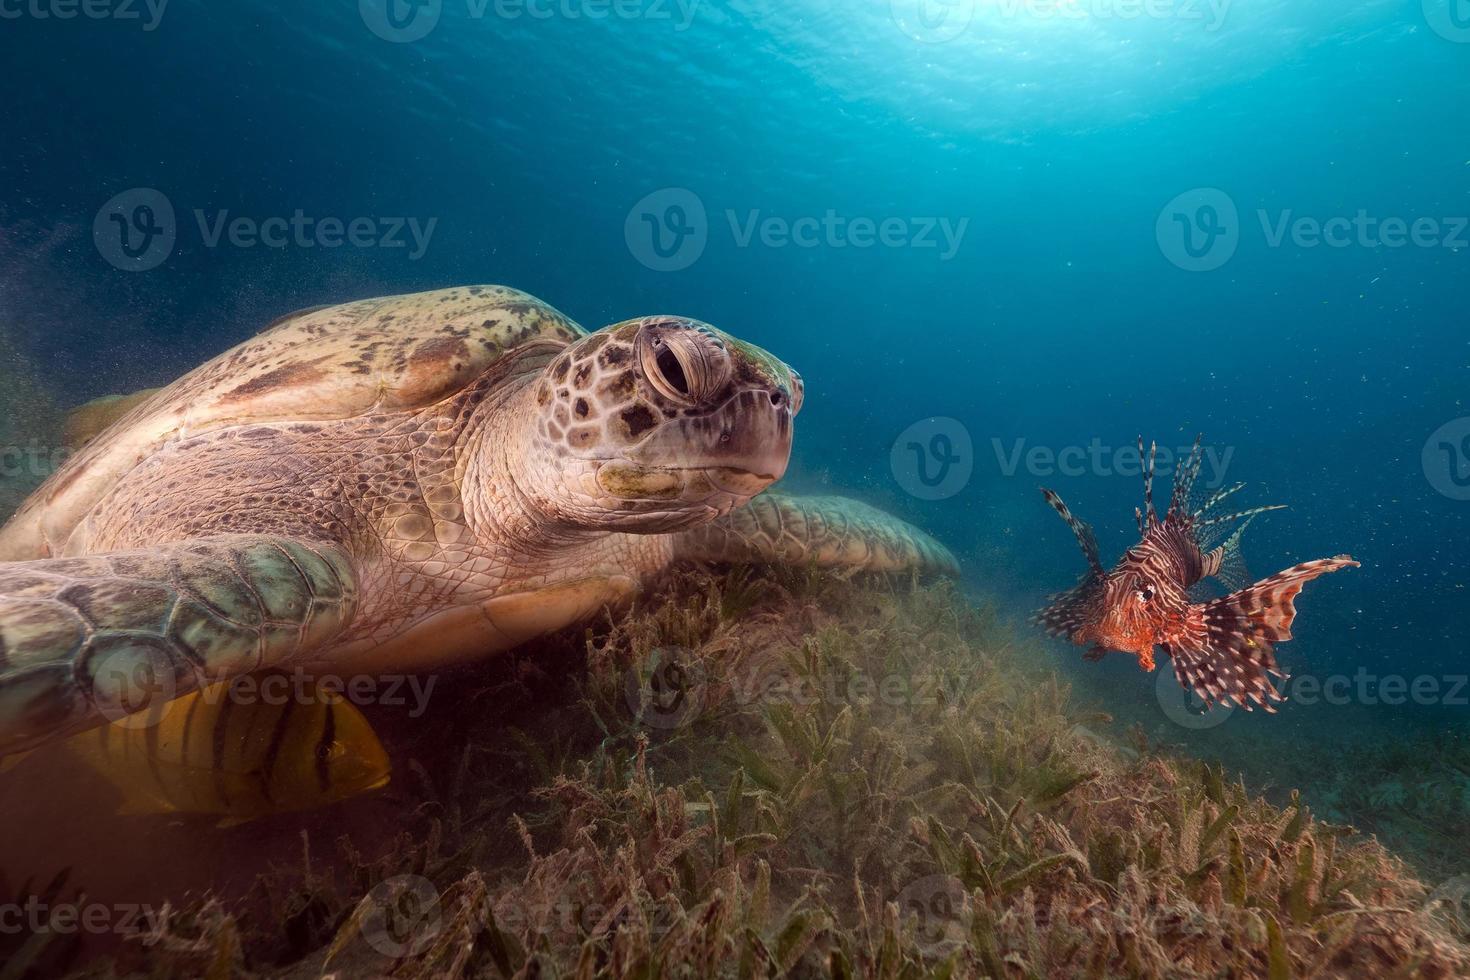 tartaruga verde e peixe-leão amigo no mar vermelho. foto